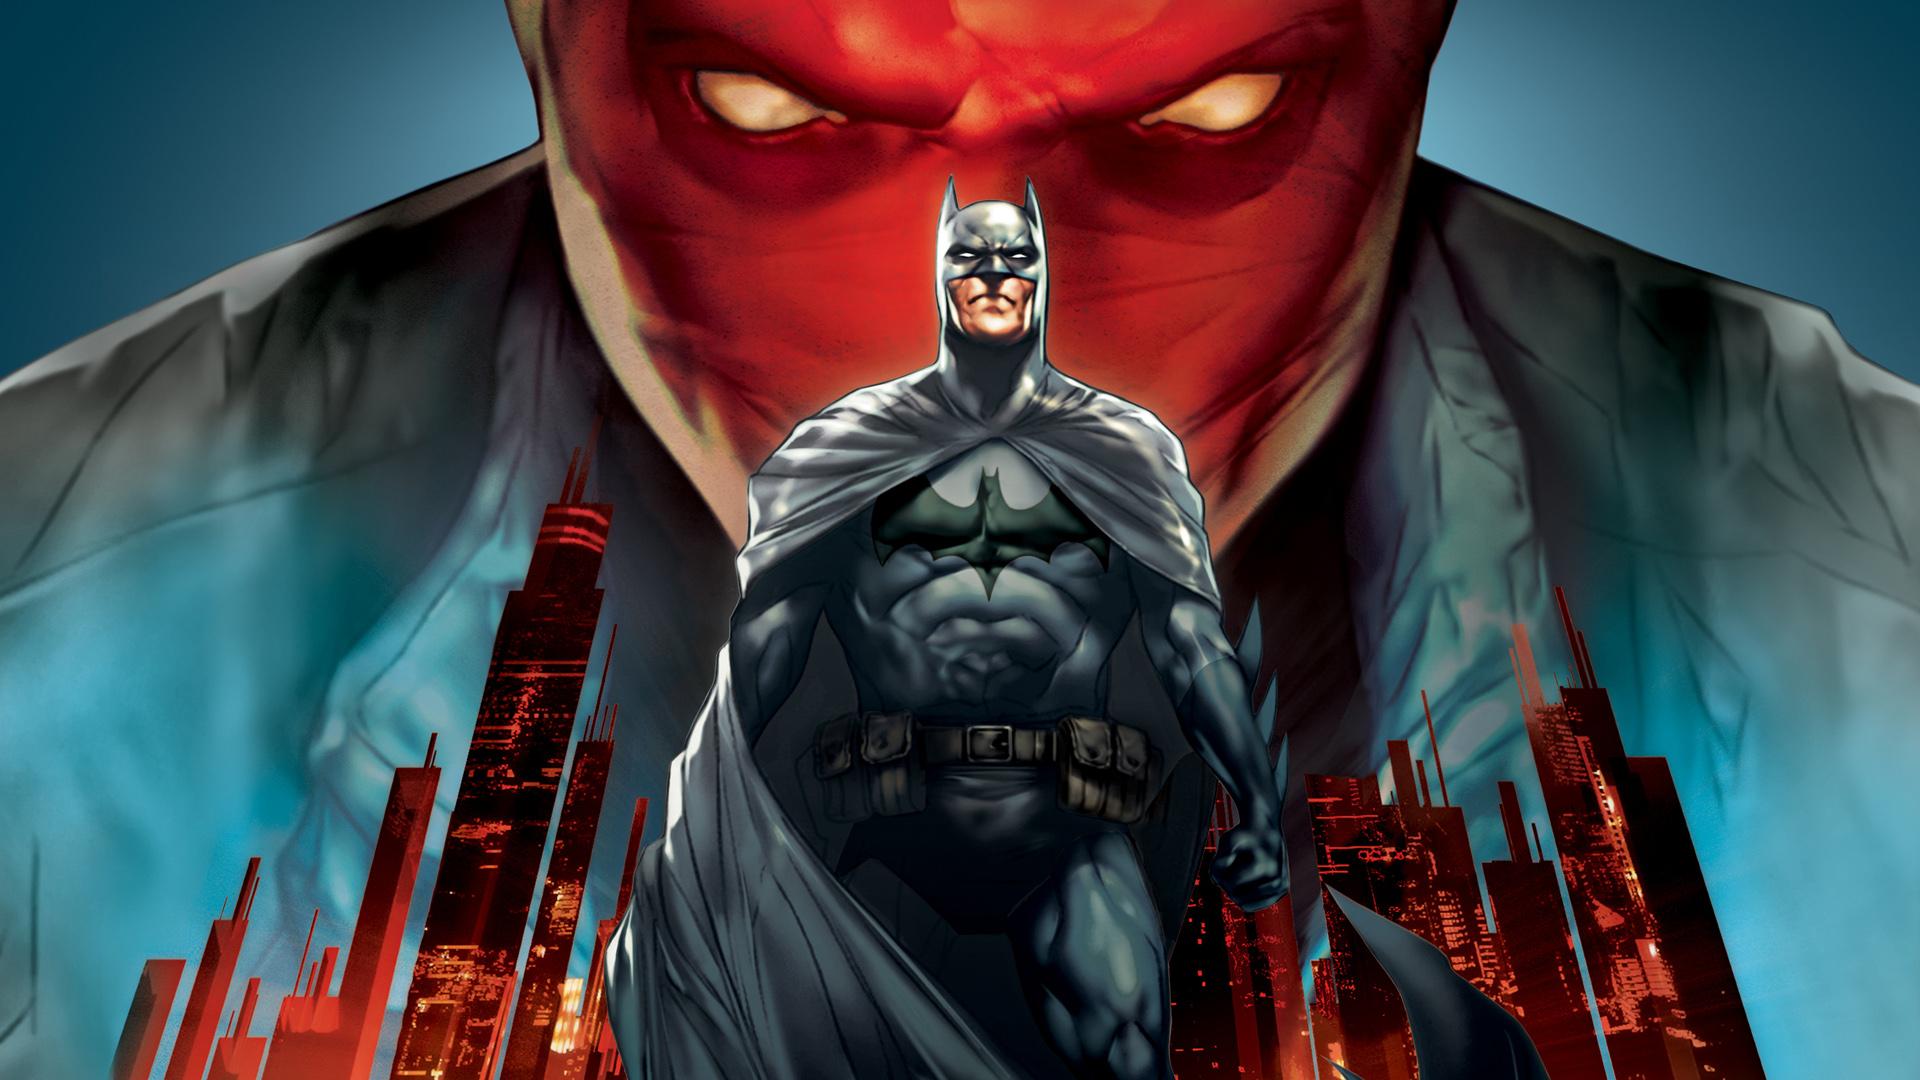 10 nejlepších filmů s Batmanem 12558